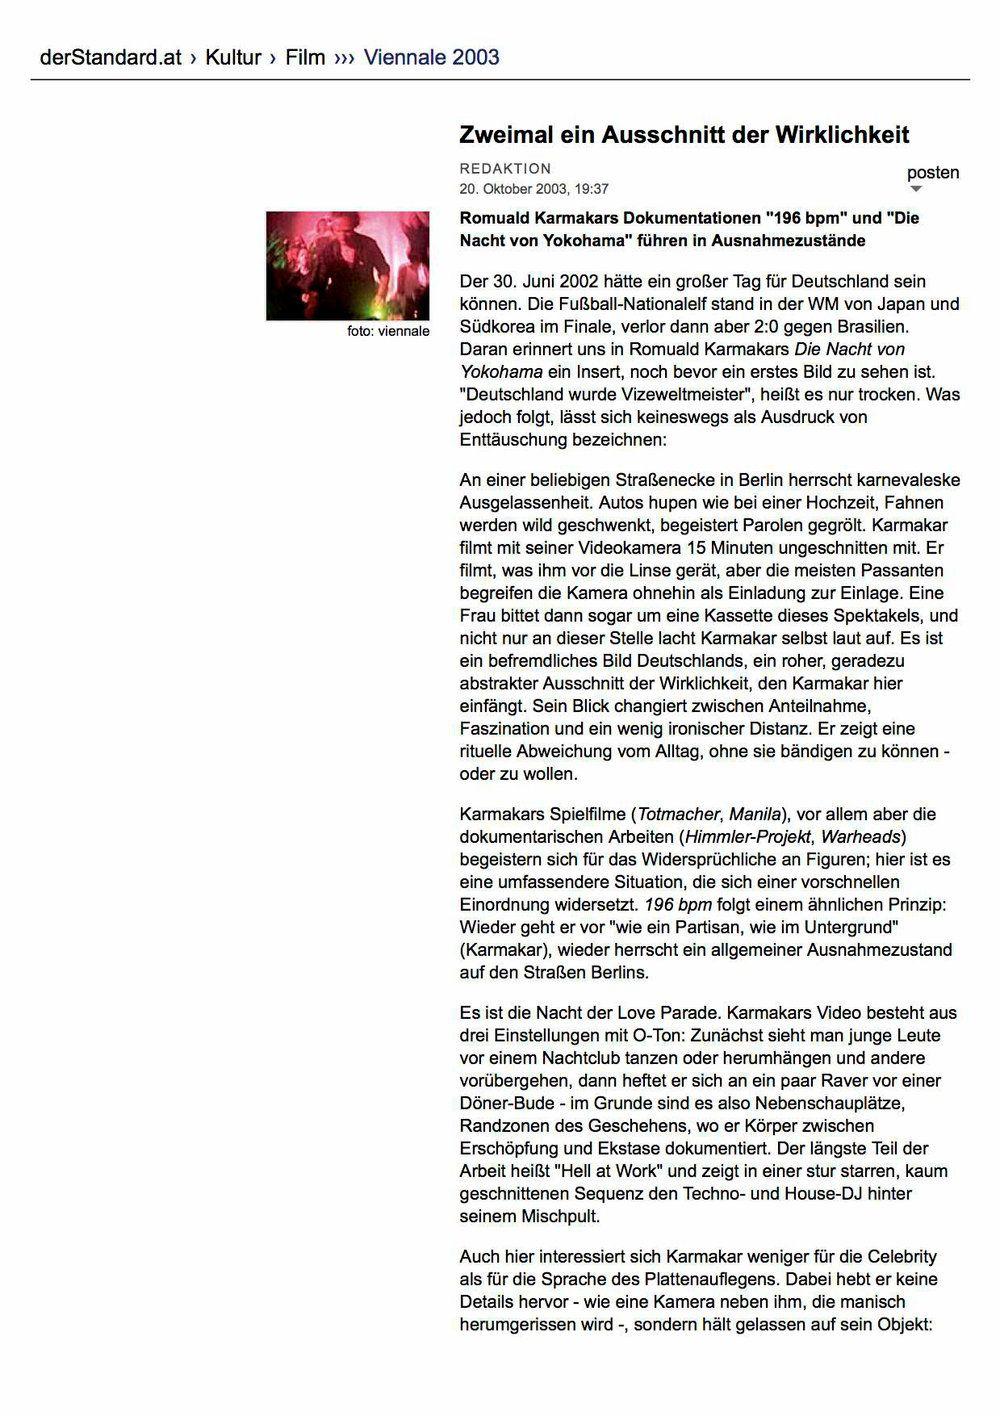 ZWEIMAL EIN AUSSCHNITT DER WIRKLICHKEIT